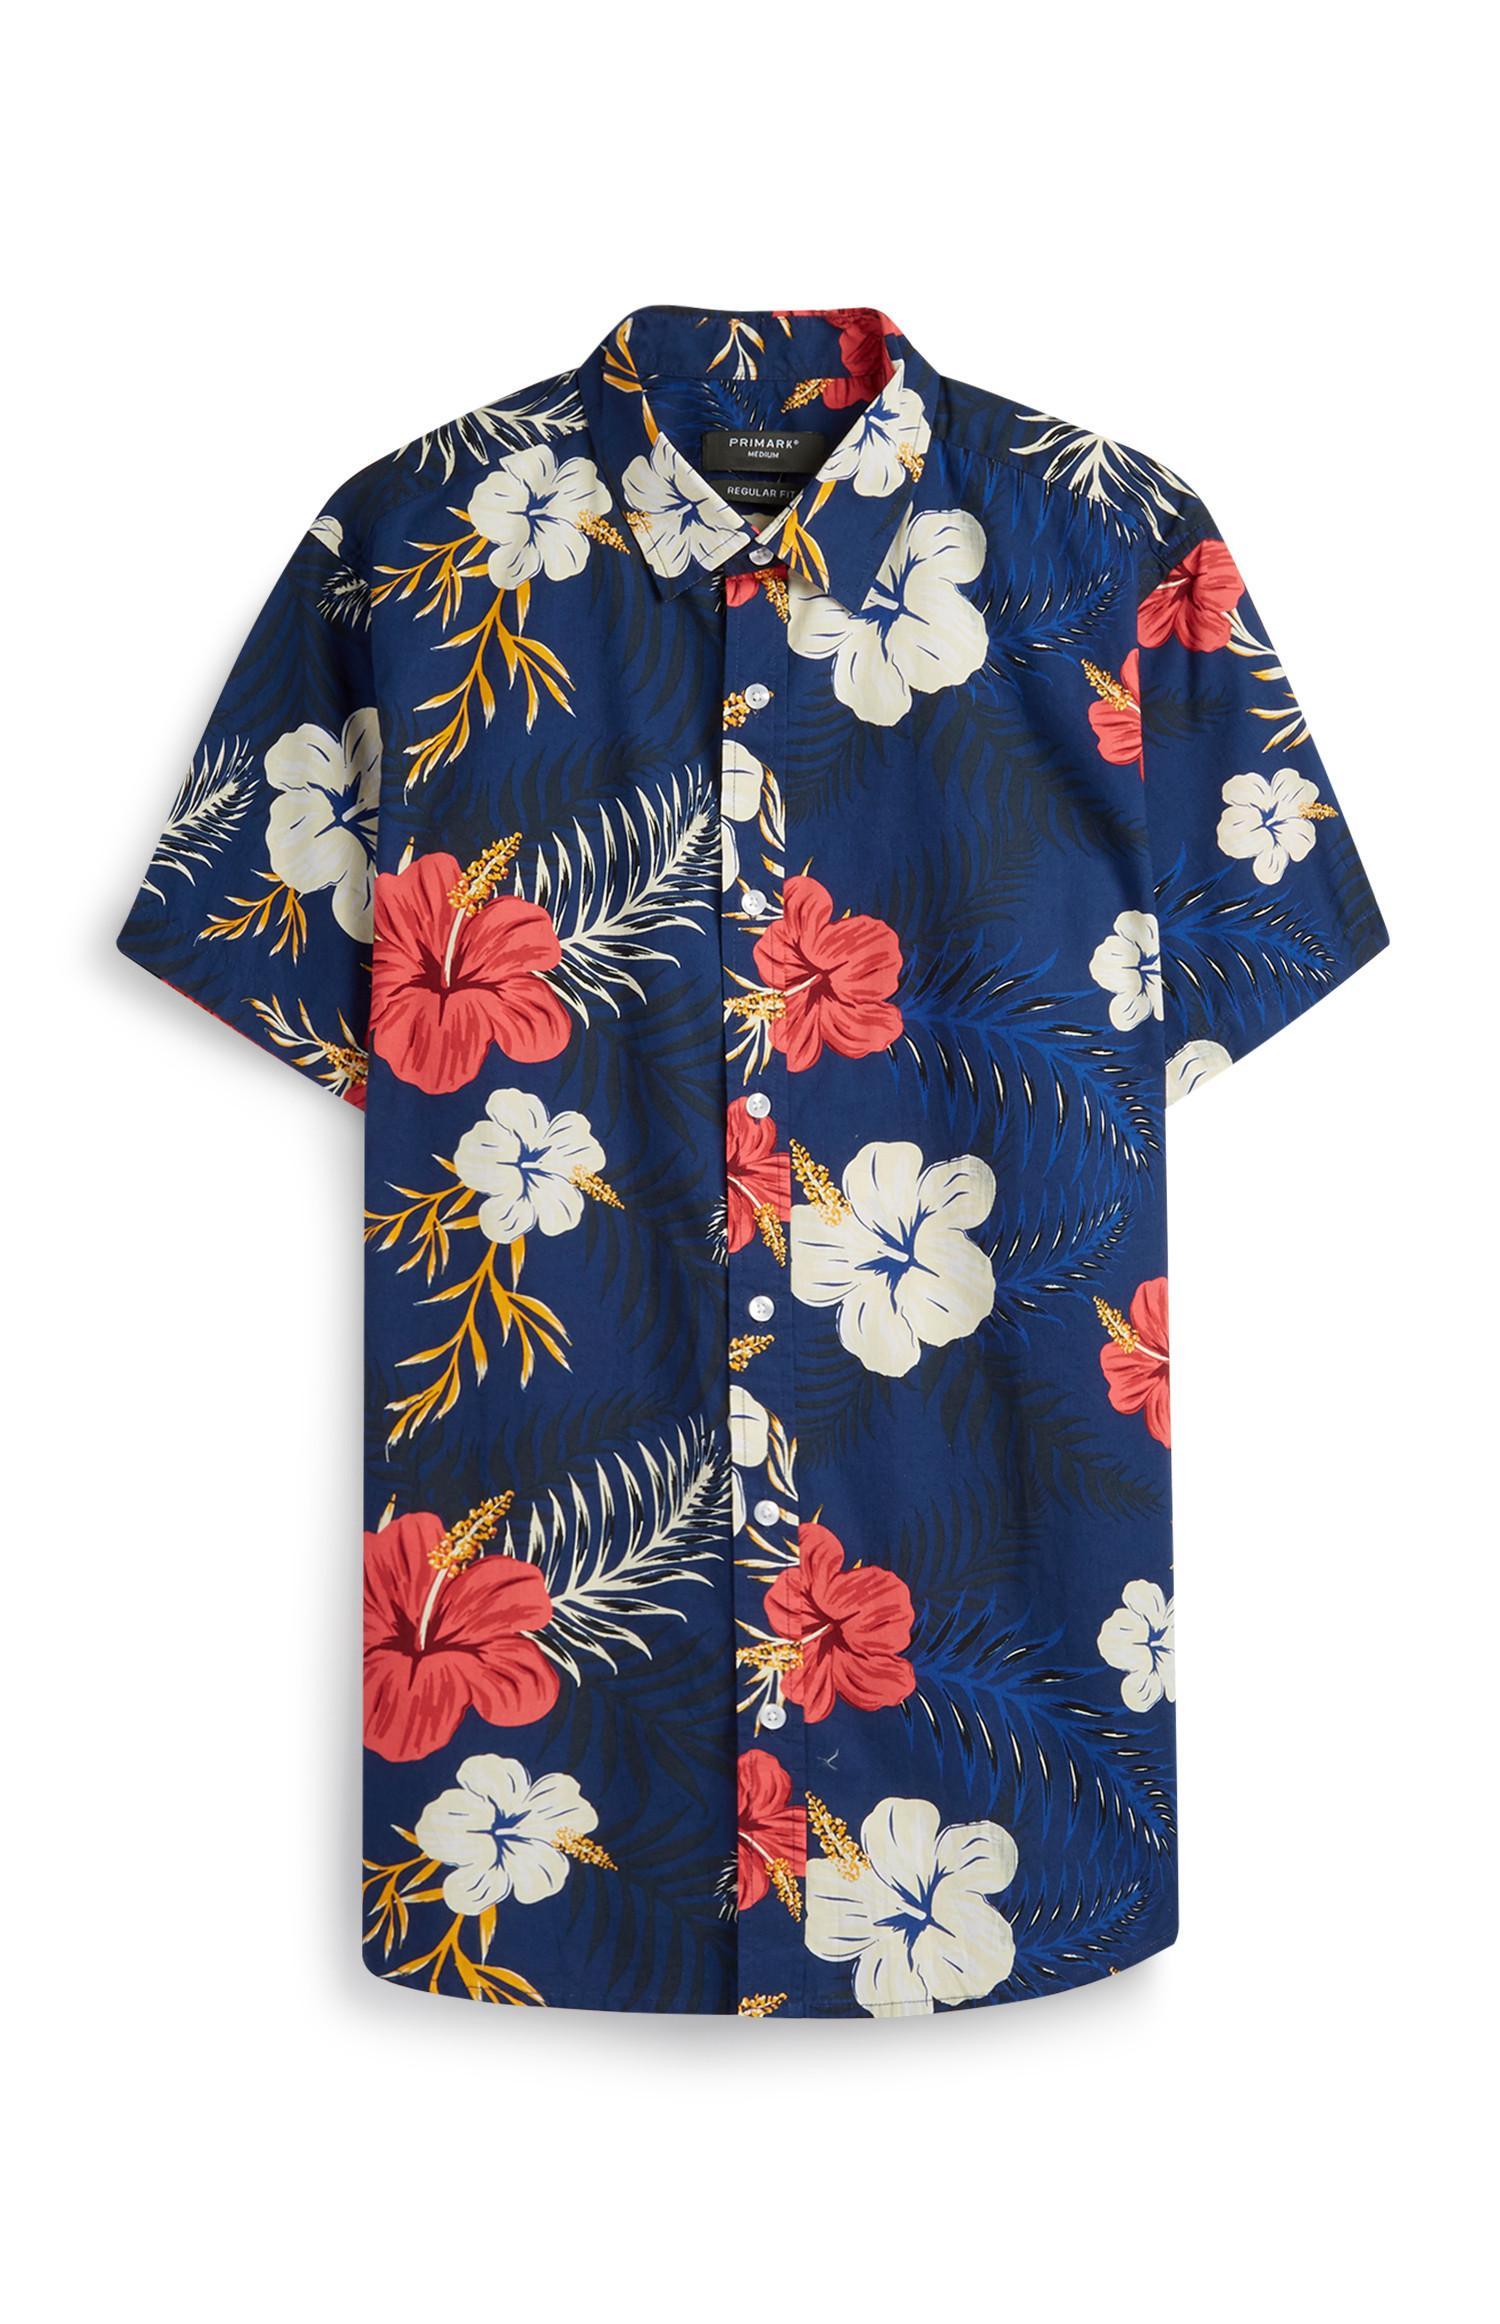 Camisa azul marino con estampado floral